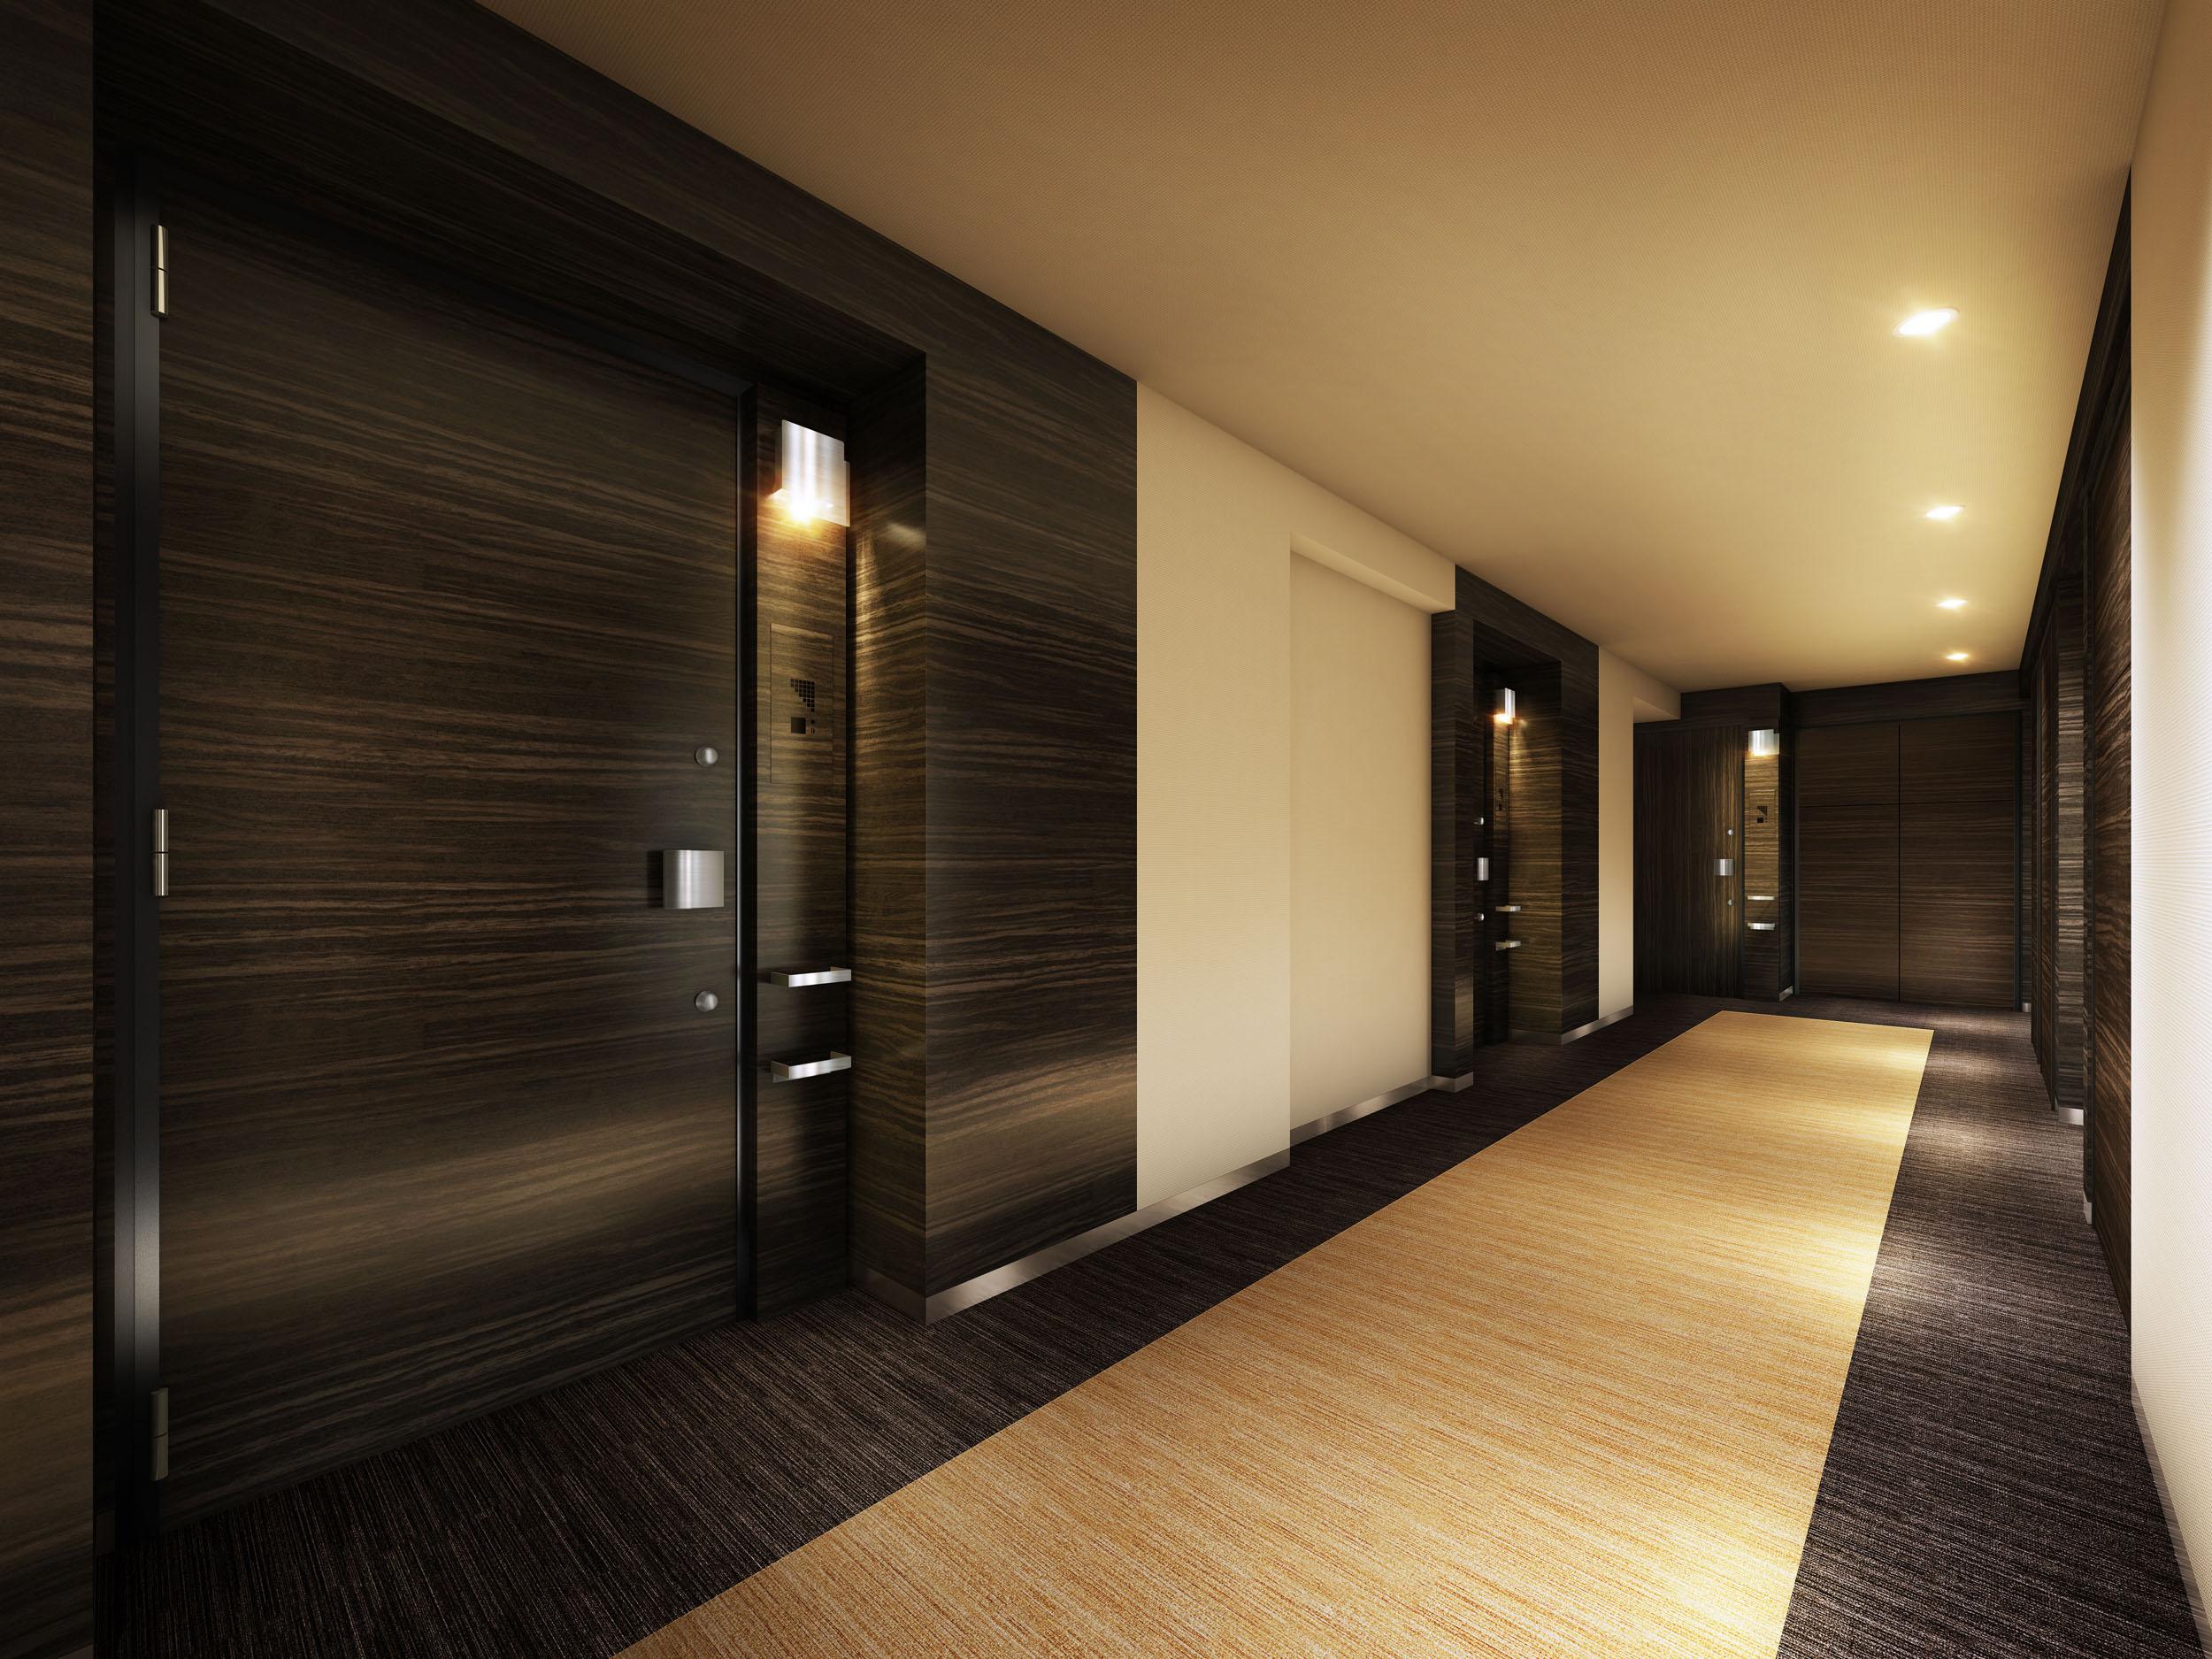 内廊下の参考イメージ(他物件の完成予想図)<br /> 高級感漂うホテルライクな「内廊下」設計。プライバシーを守れます。